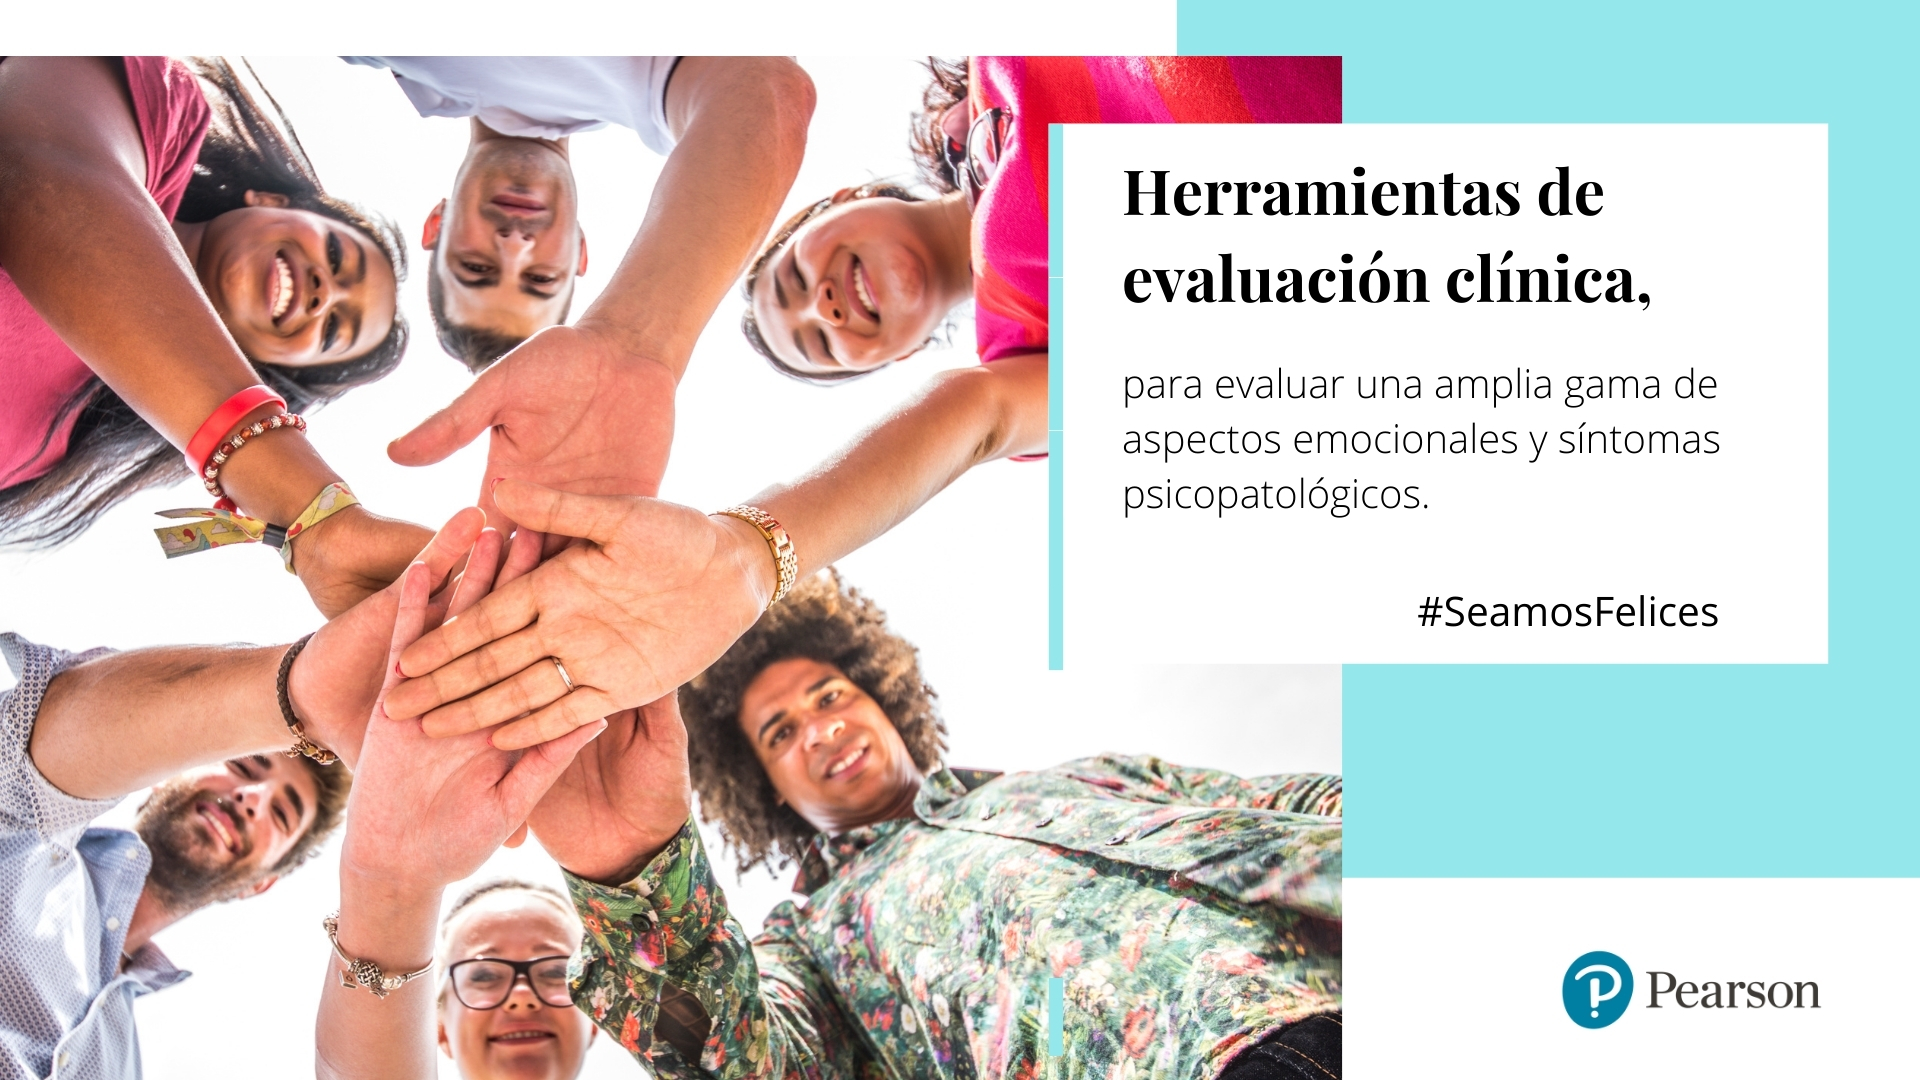 Herramientas_evaluacion_cl_nica_Pearson_Clinical